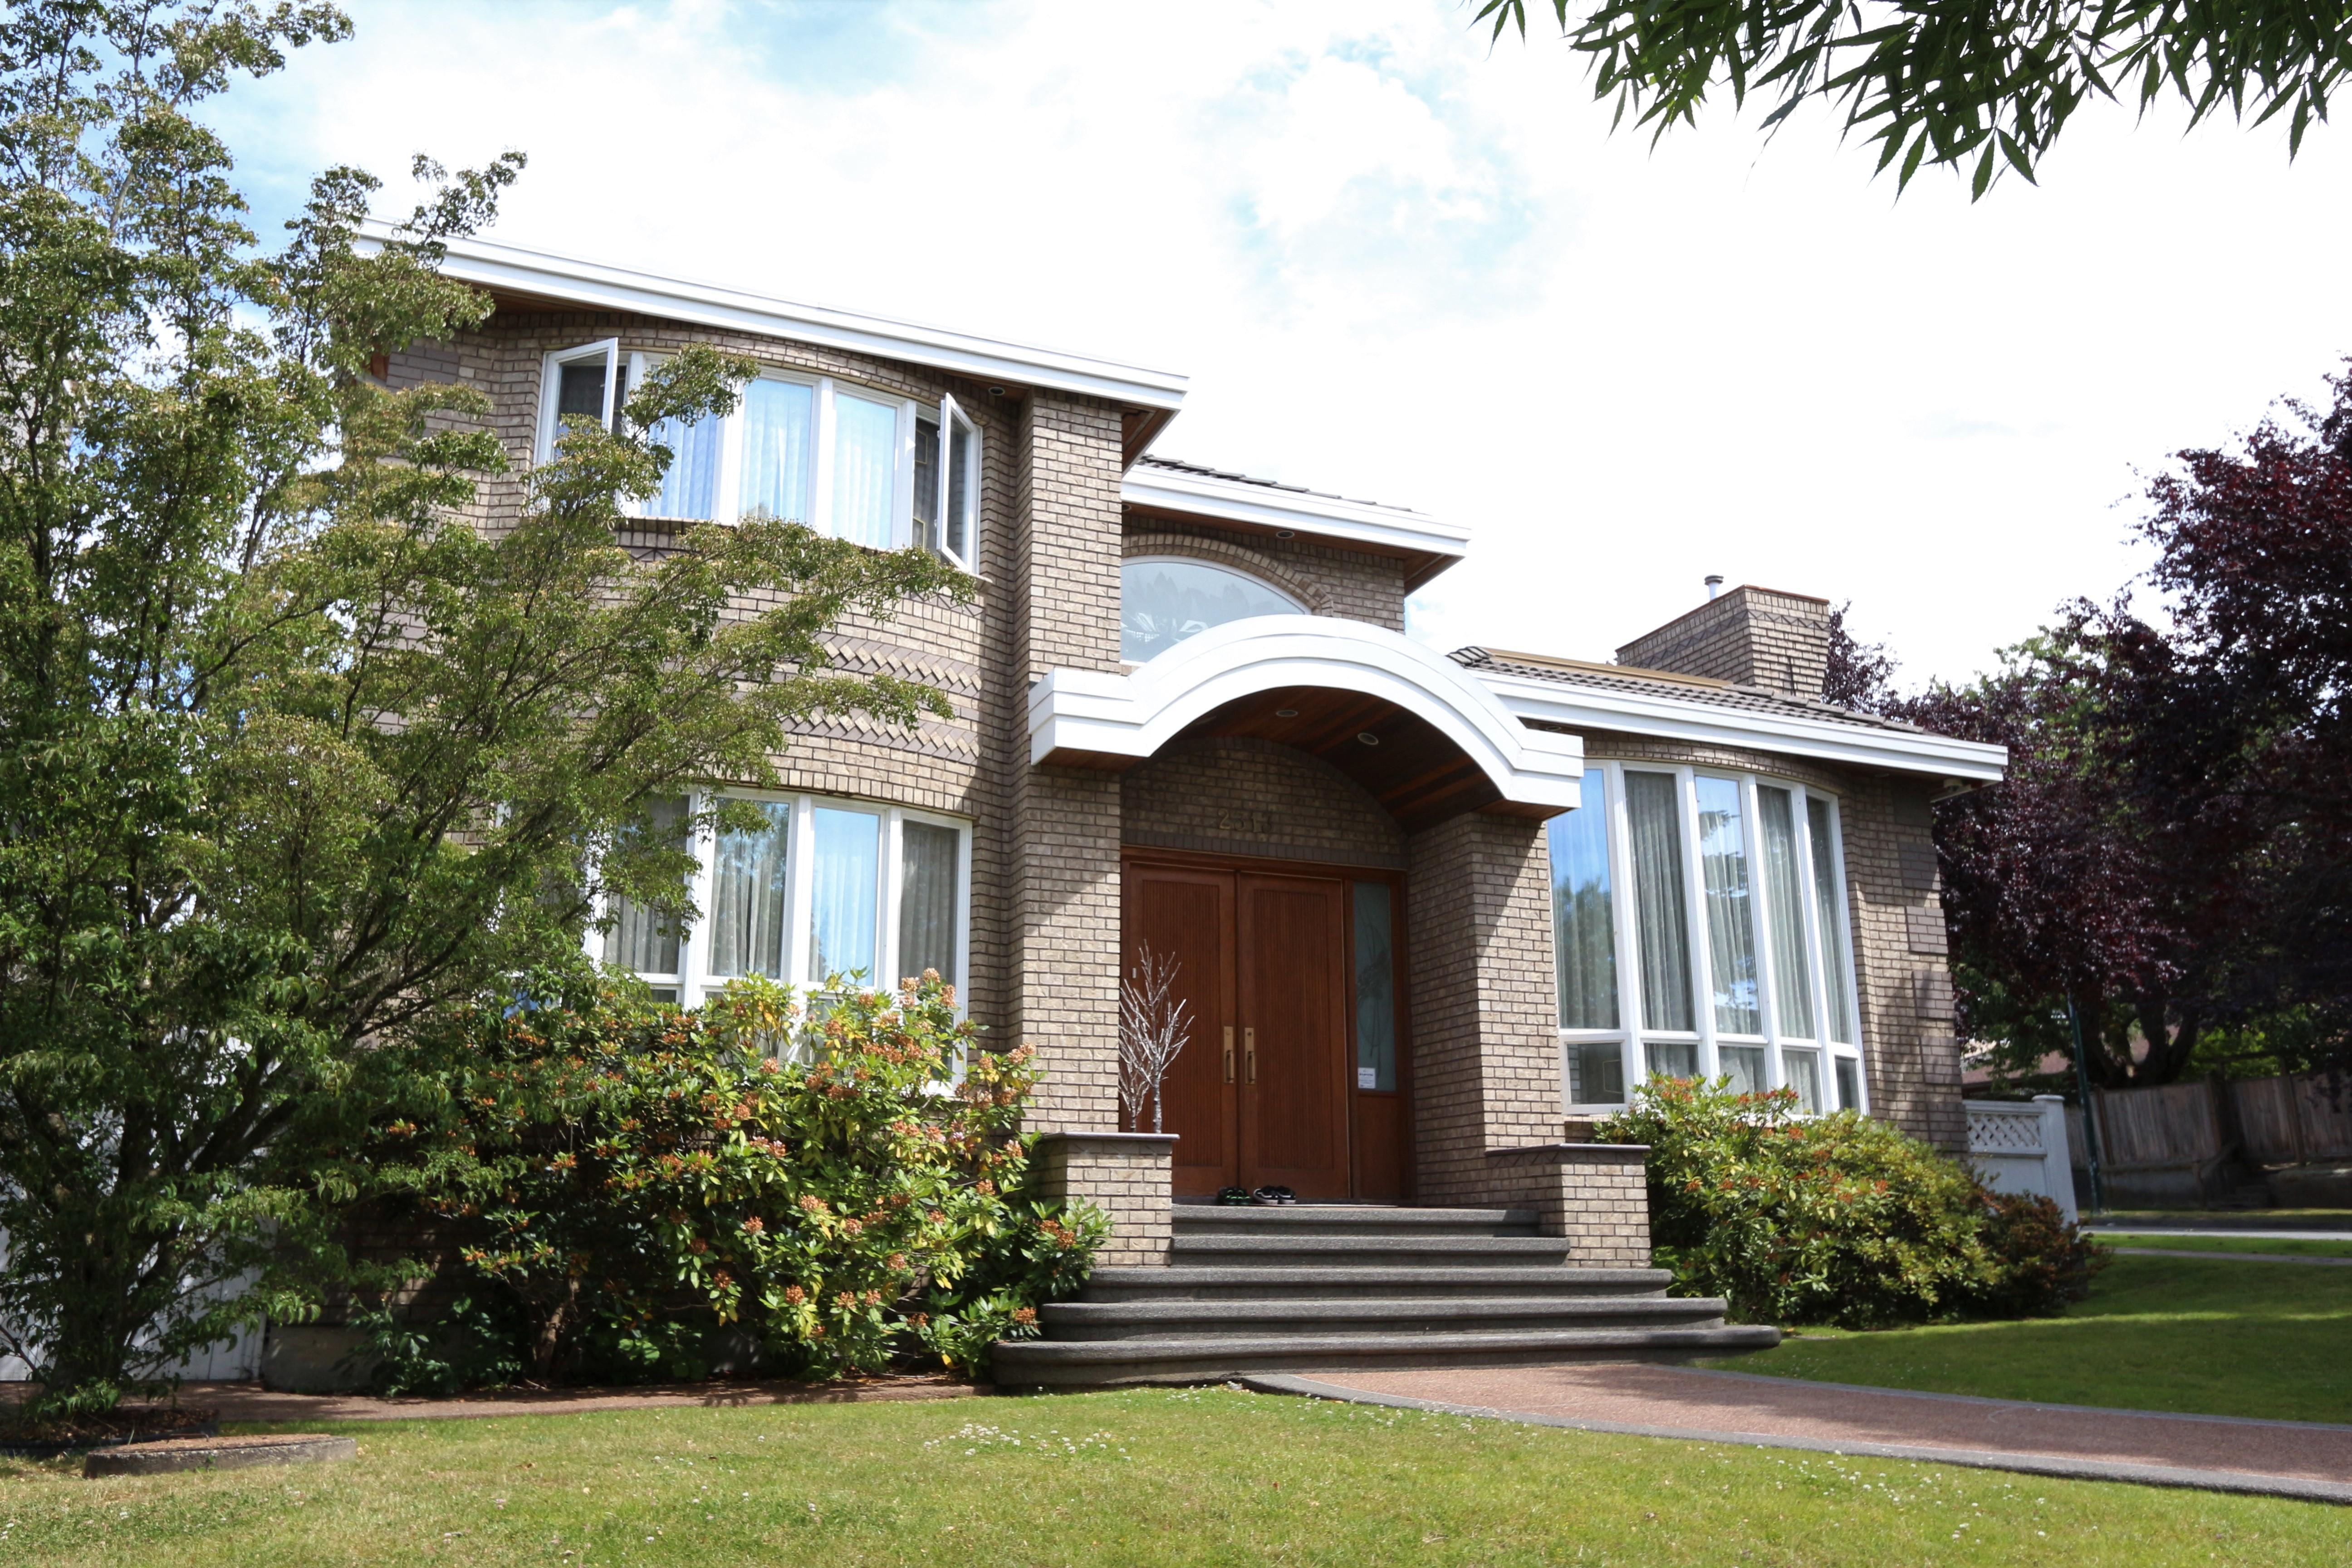 2313 West 21st Avenue, Arbutus, Vancouver West